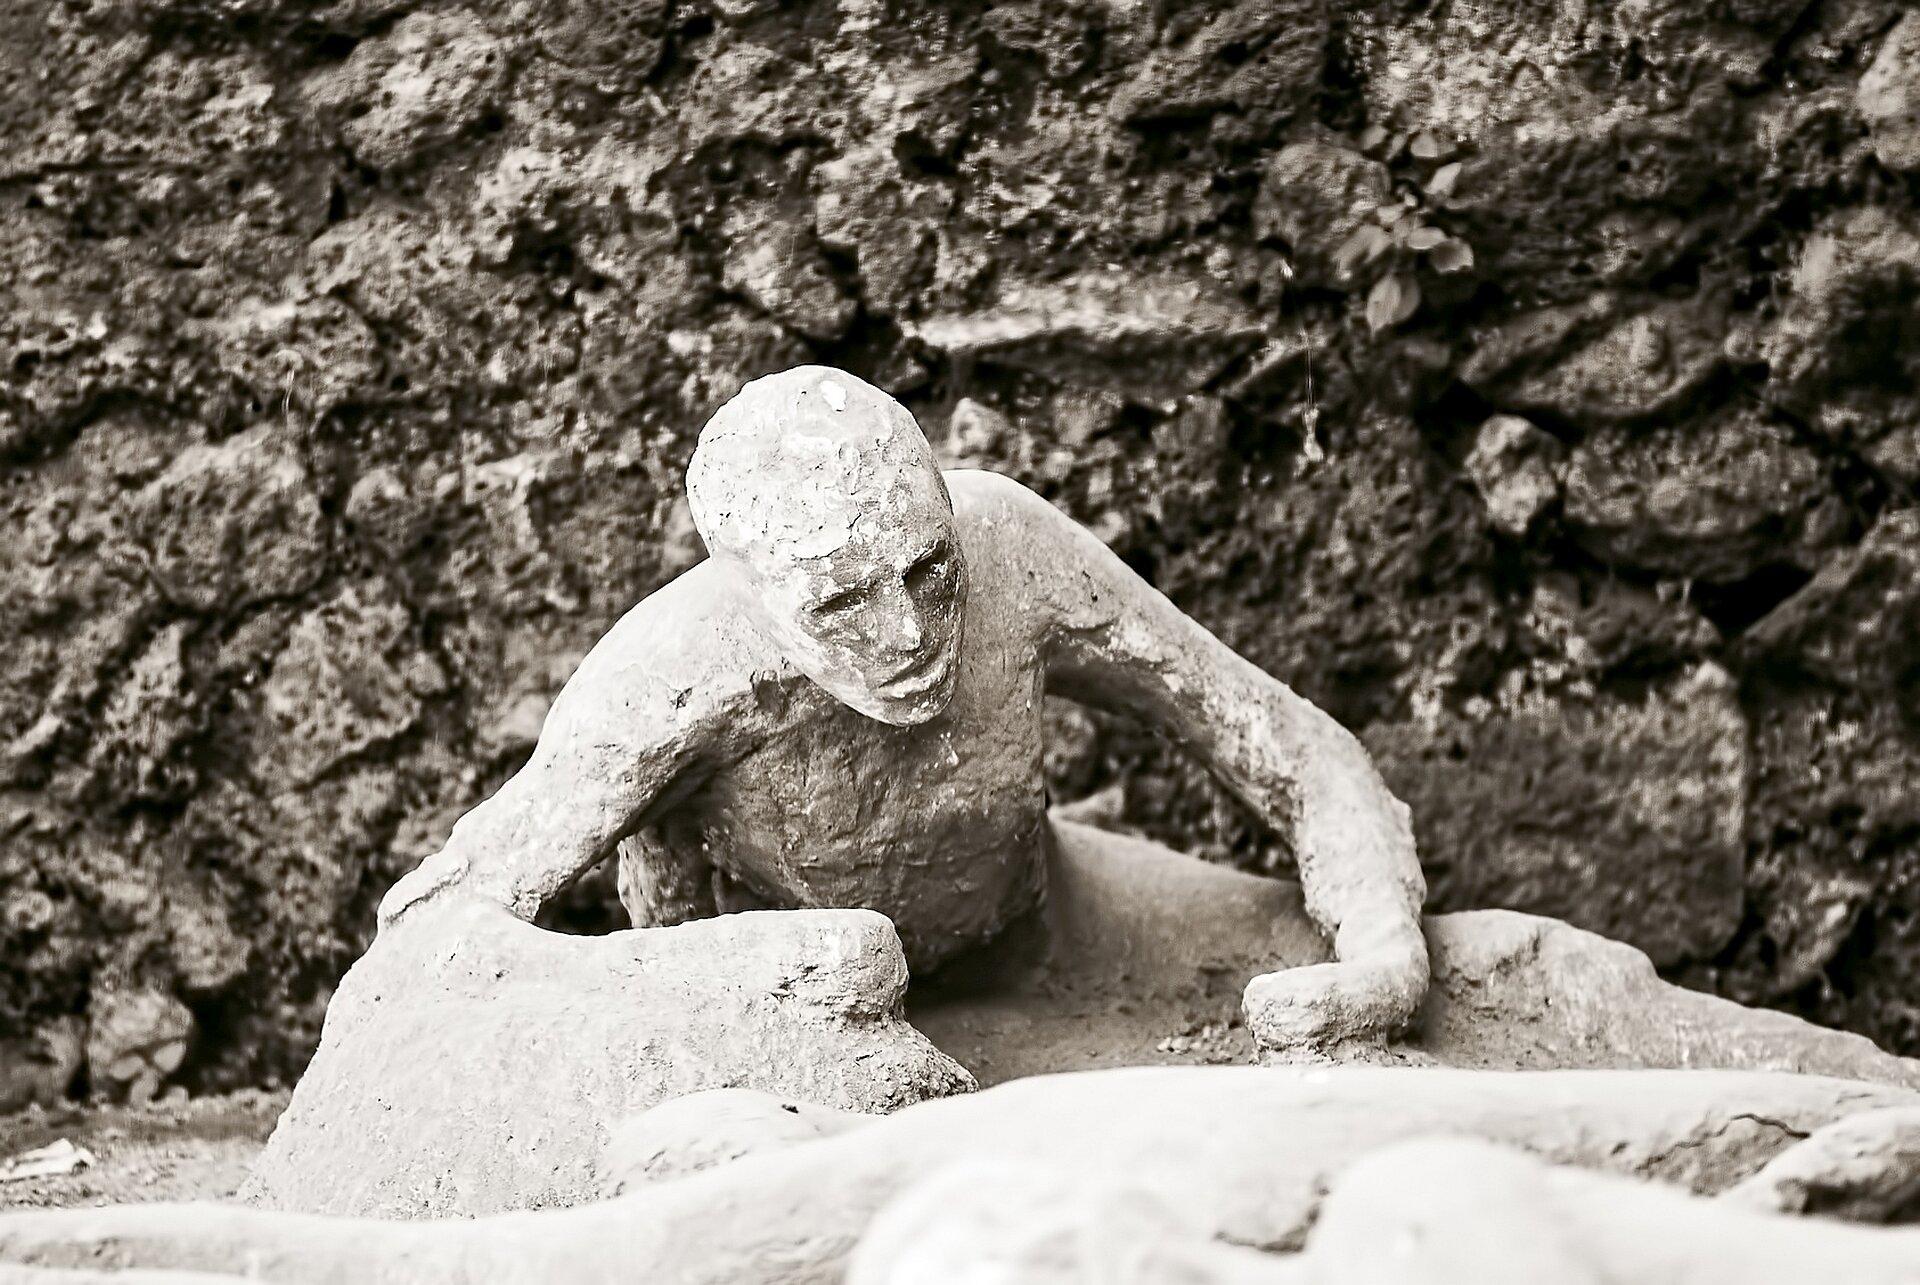 Czarnobiała ilustracja przedstawia odlew gipsowy ciała ofiary wybuchu Wezuwiusza. Ukazany jest człowiek, który odpycha się rękami od podłoża, próbując wstać. Głowę podnosi do góry. Widoczne są rysy jego twarzy. Tło stanowi ciemna ściana przypominająca skałę wulkaniczną.